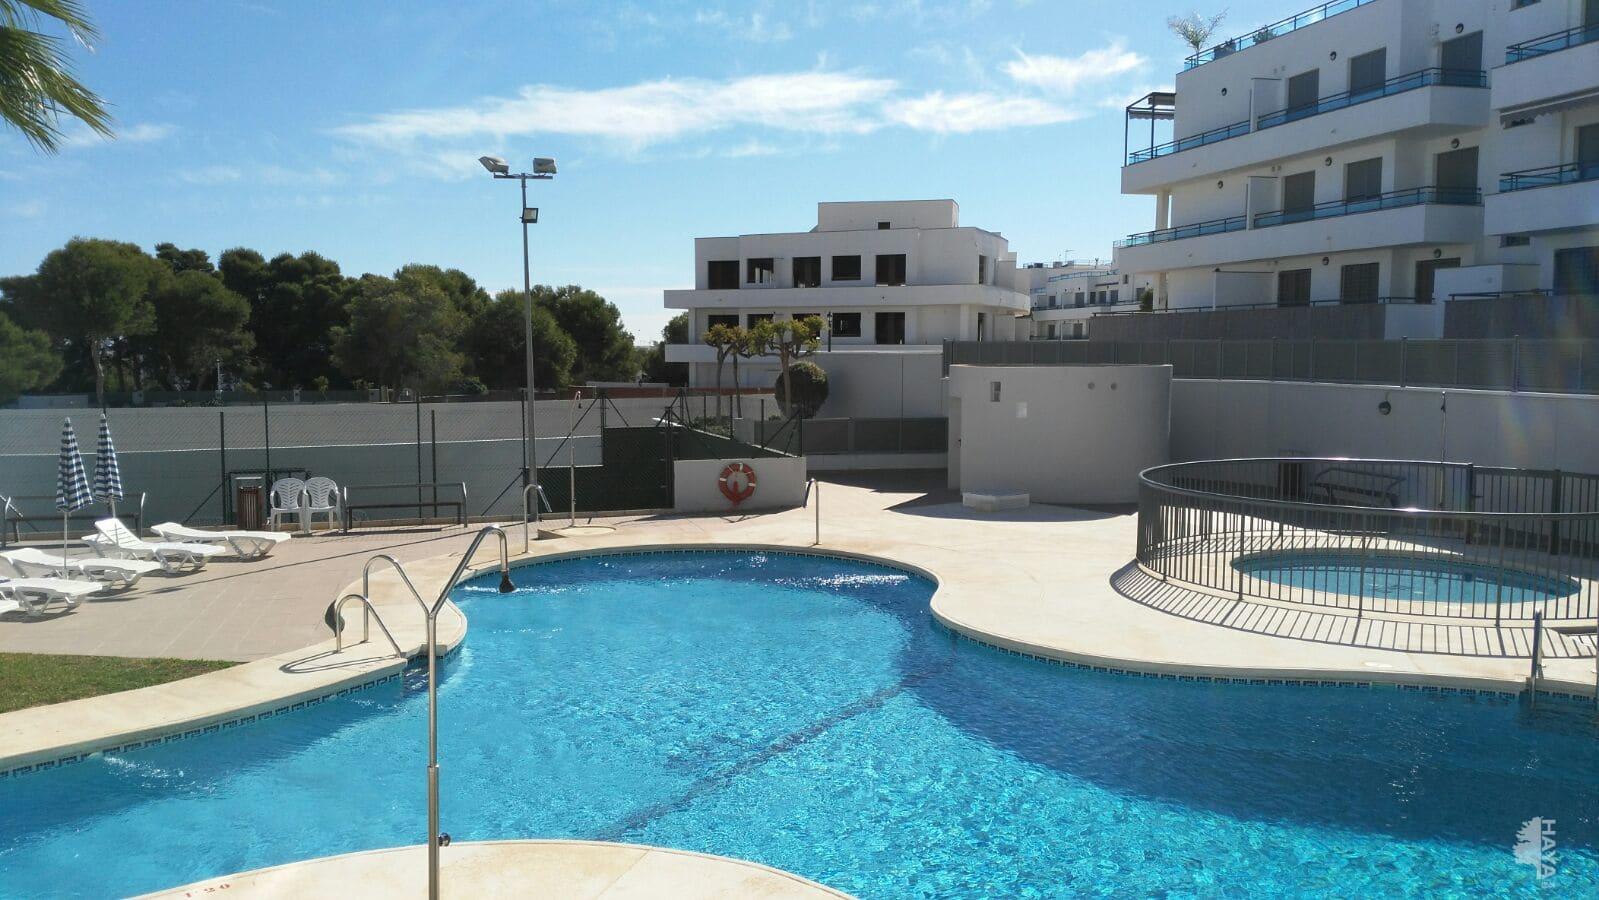 Piso en venta en Garrucha, Almería, Calle Murillo (pinar de Garrucha), B, 93.400 €, 2 habitaciones, 2 baños, 75 m2